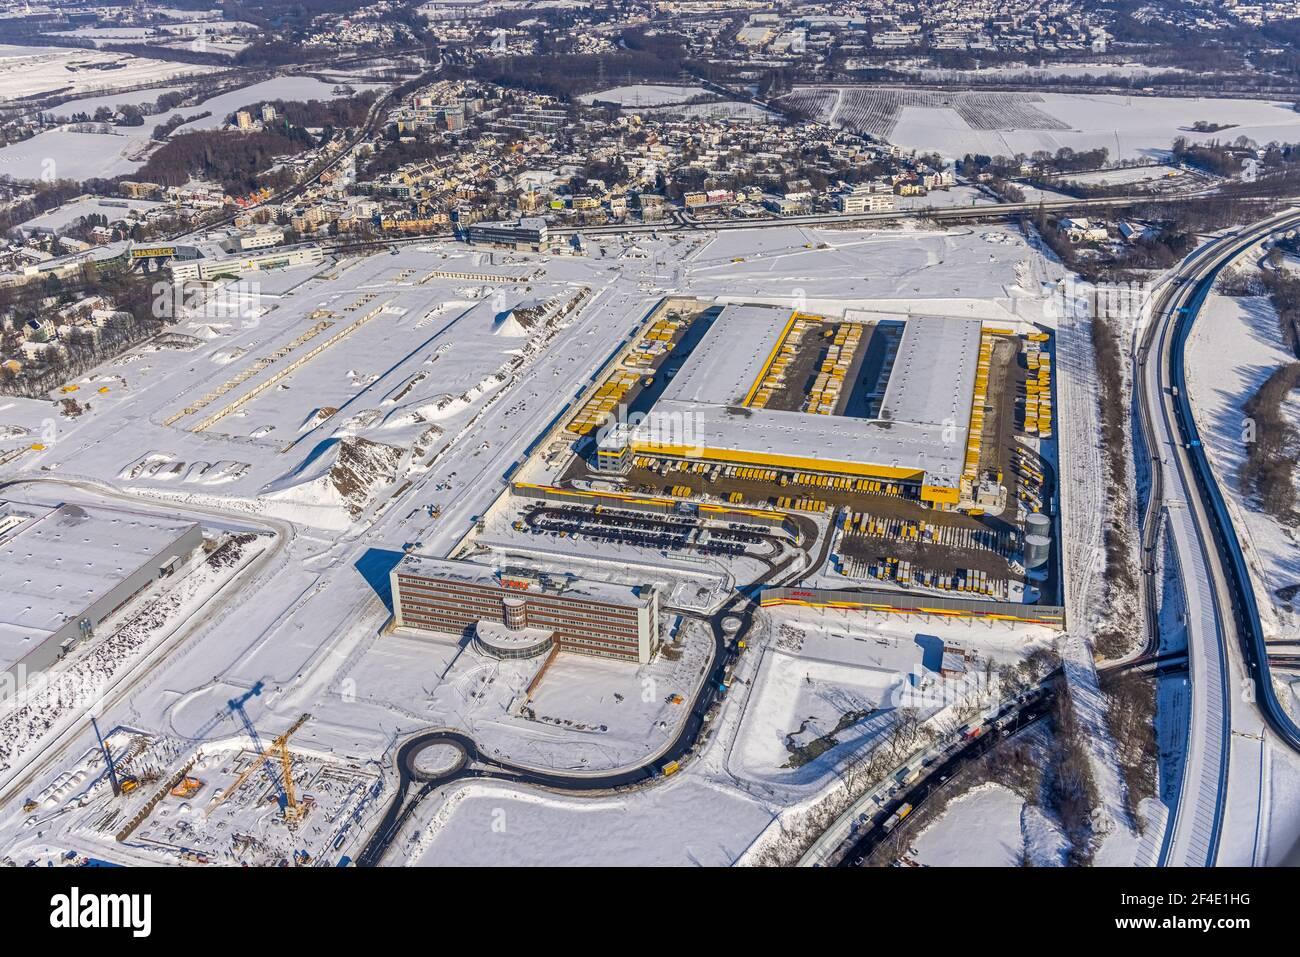 Luftaufnahme, DHL Logistik Paketcenter, ehemaliges Opel-Areal mit altem Verwaltungsgebäude, Industriegebiet Mark 51/7, Laer, Bochum, Ruhrgebiet, Nord Stockfoto